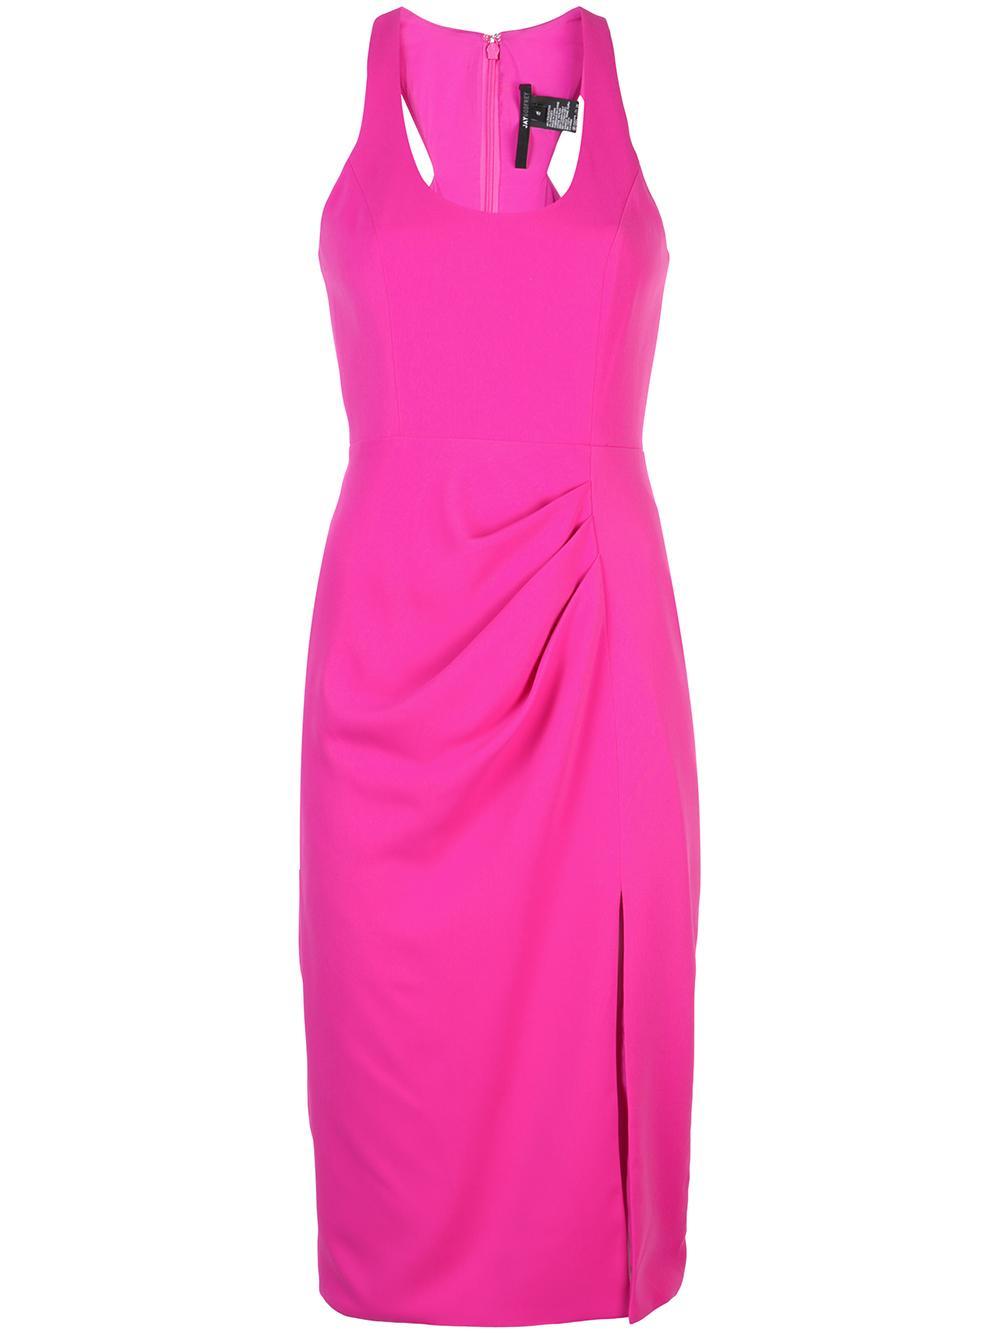 Encore High Slit Midi Dress Item # 116304